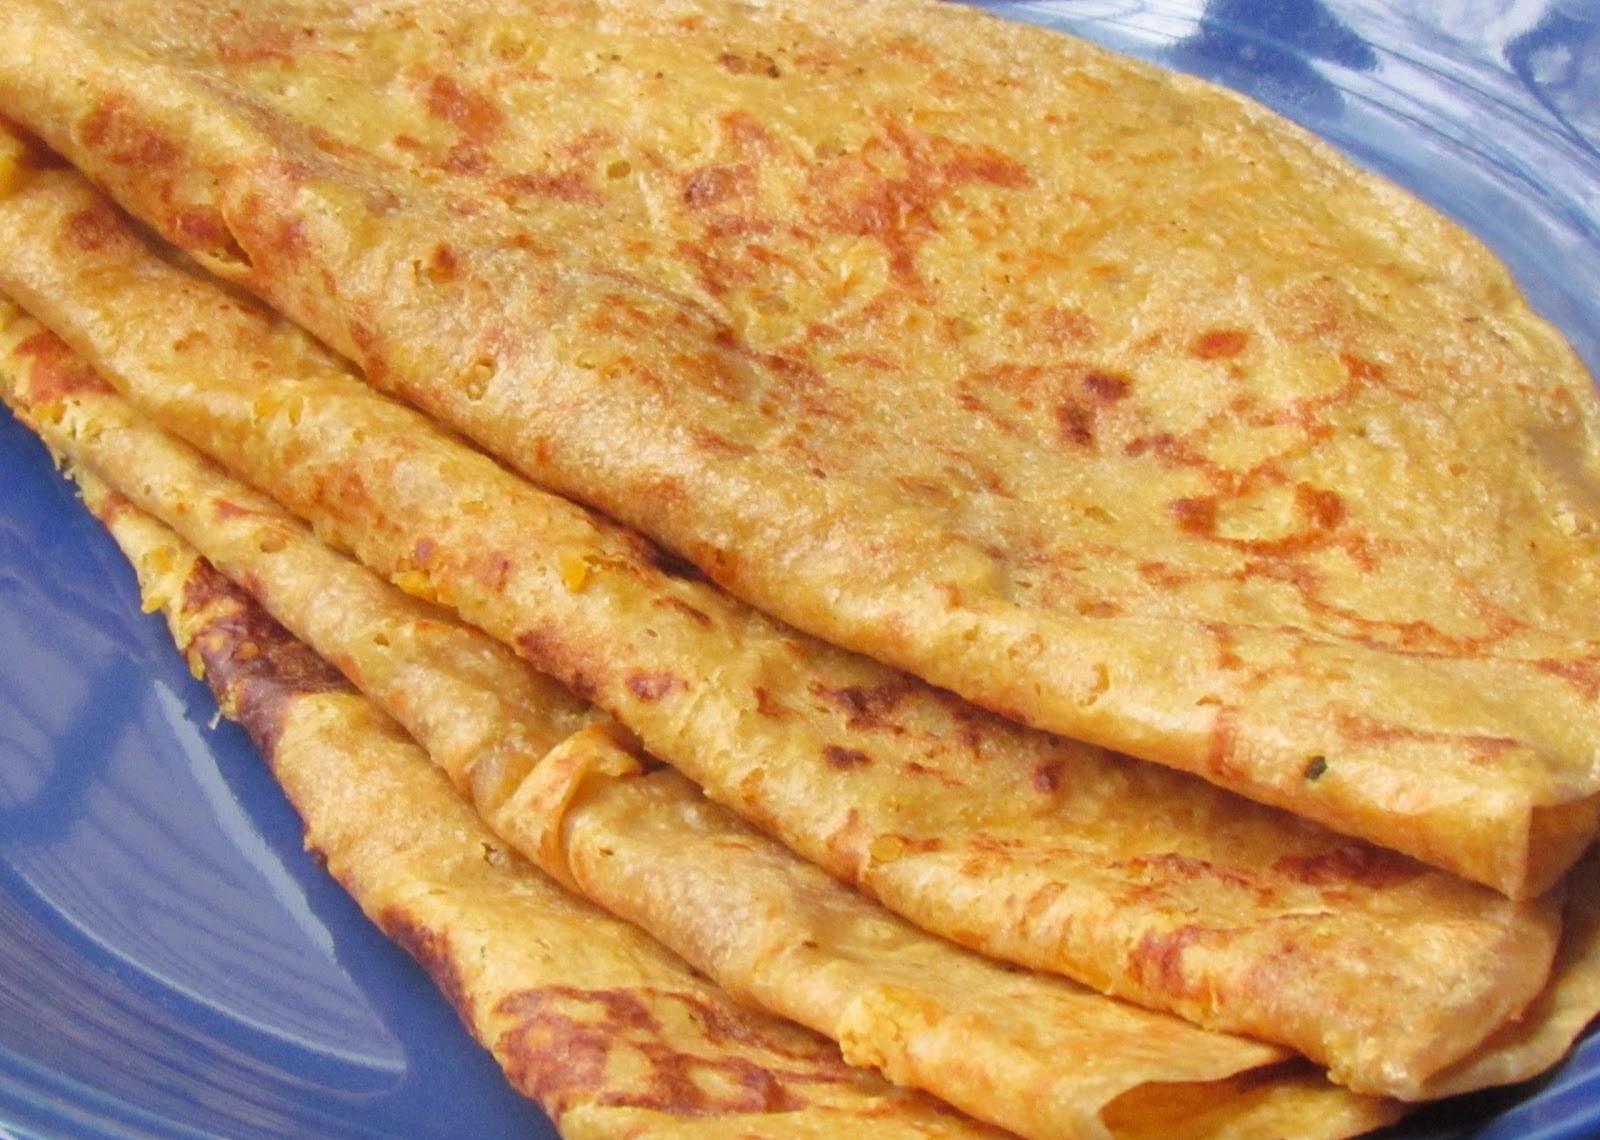 Bele obattu- traditional lentil sweet